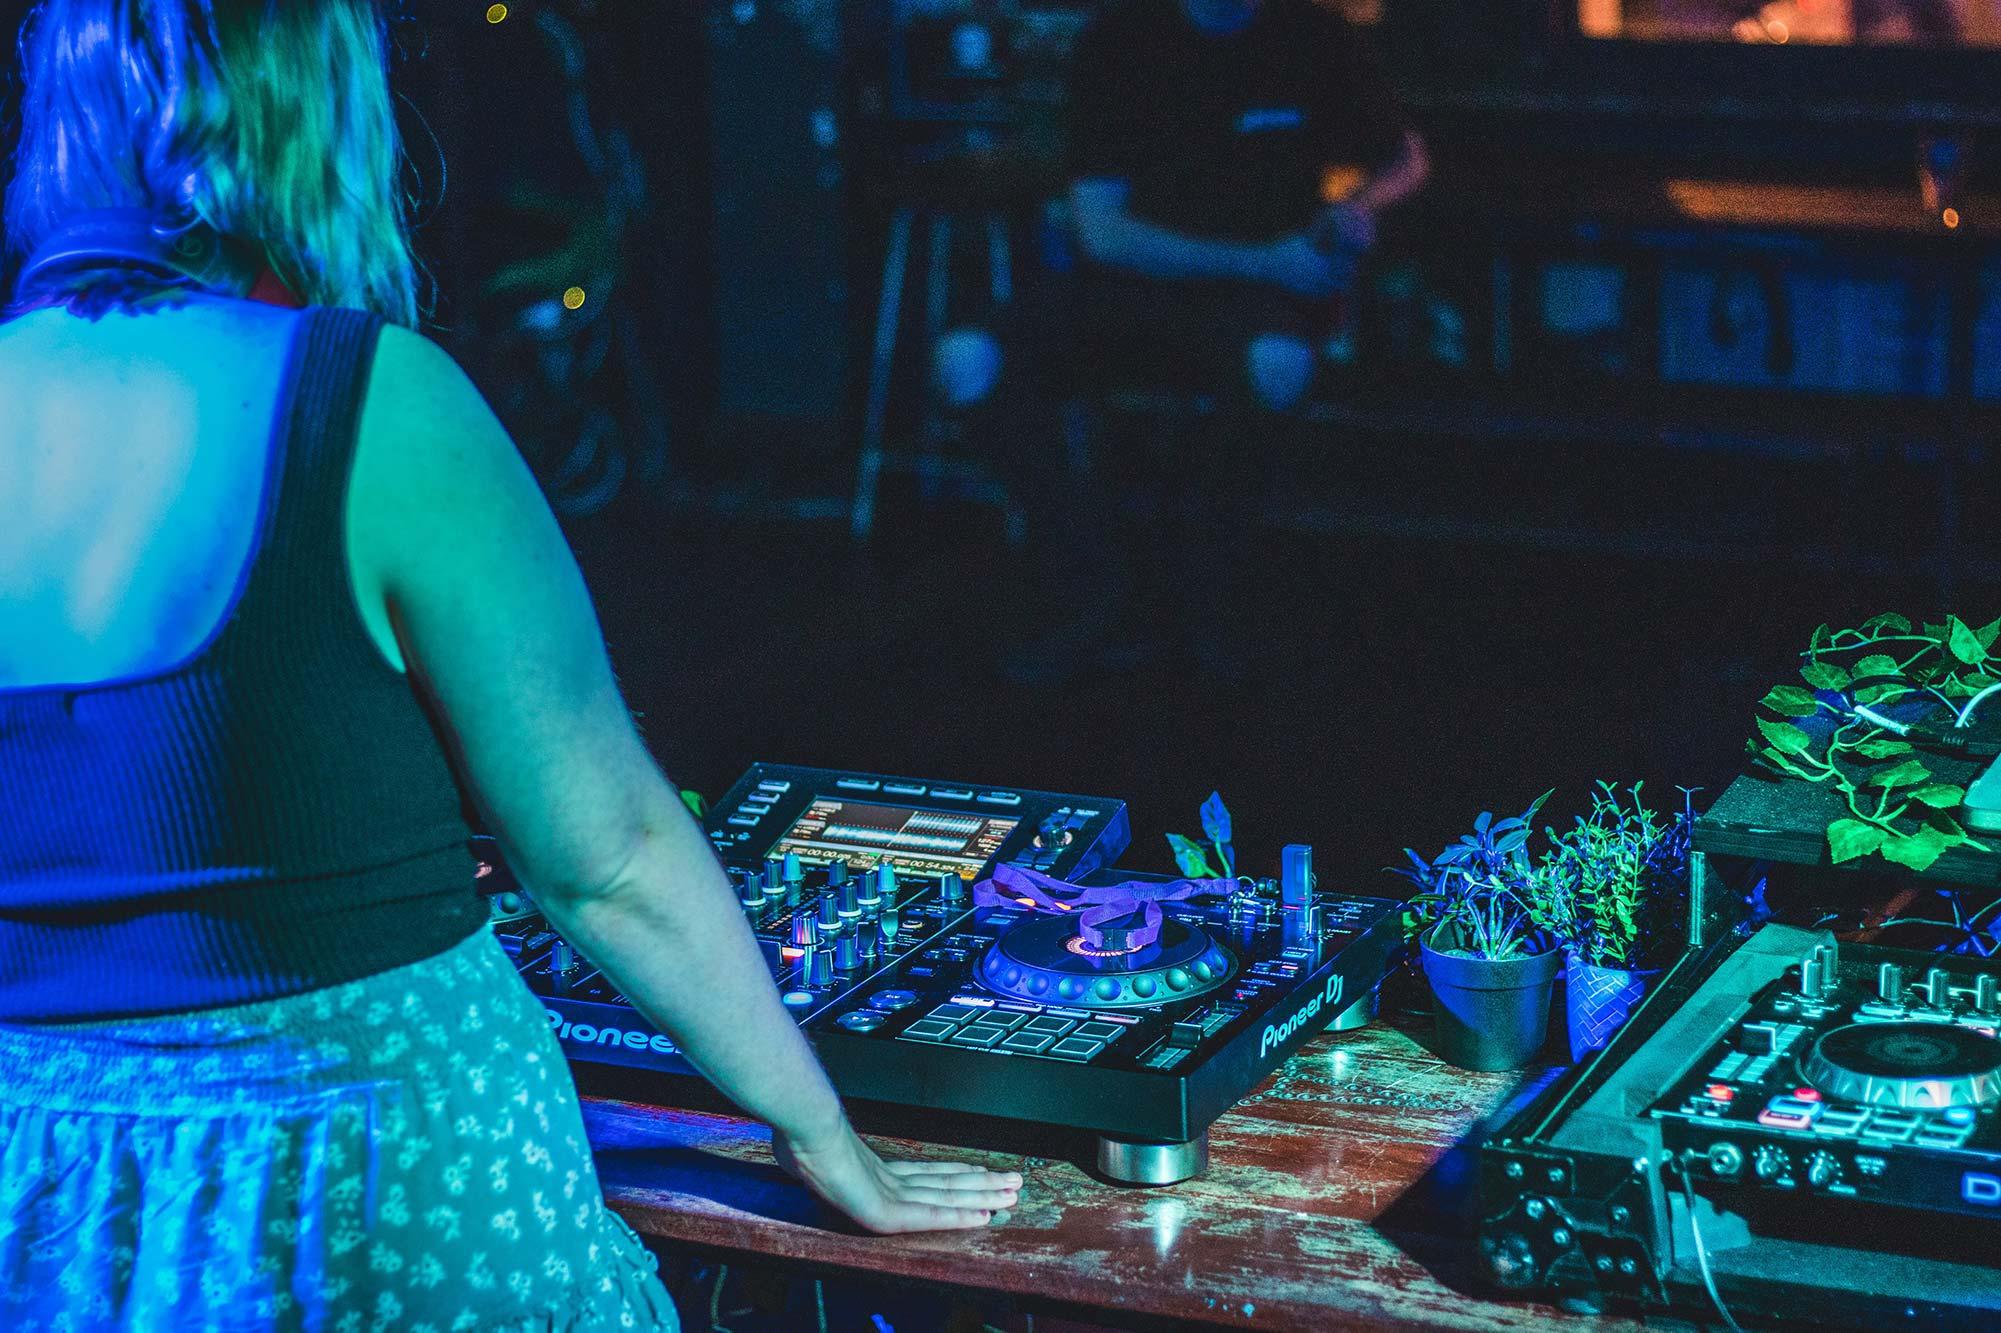 Frauen in der DJ-Kultur • Zwischen Bevorzugung und Marginalisierung